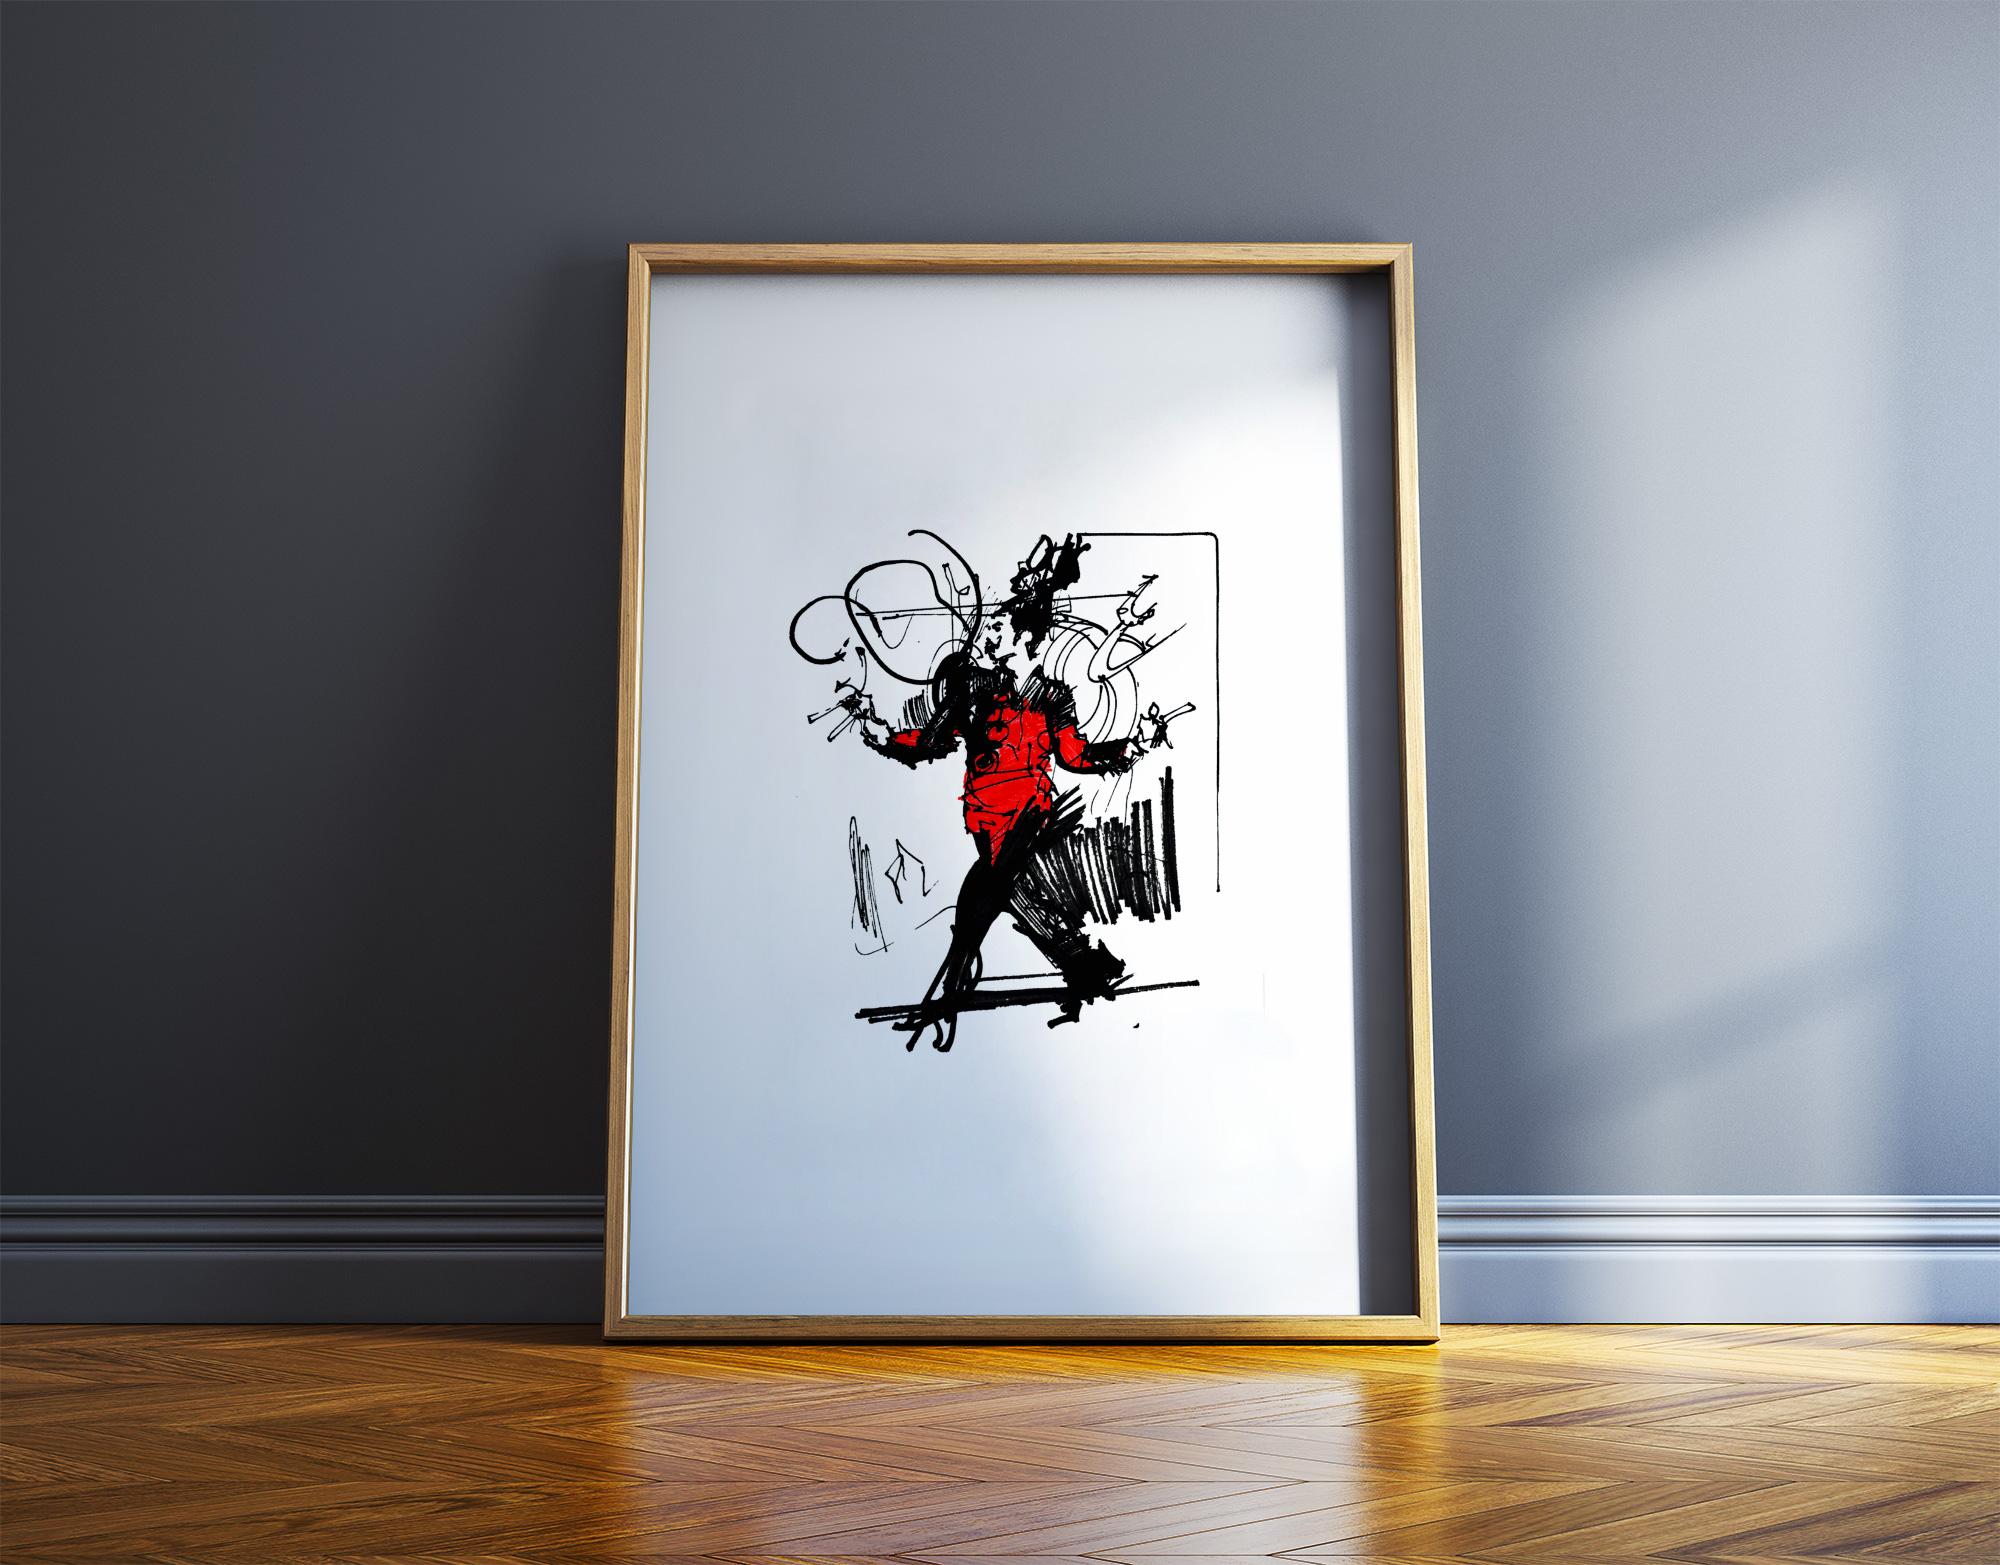 plakater, gicleé, æstetiske, figurative, illustrative, portræt, kroppe, bevægelse, mennesker, sorte, røde, hvide, blæk, papir, samtidskunst, dansk, dekorative, design, interiør, bolig-indretning, mænd, moderne, moderne-kunst, nordisk, plakater, tryk, skandinavisk, Køb original kunst og kunstplakater. Malerier, tegninger, limited edition kunsttryk & plakater af dygtige kunstnere.